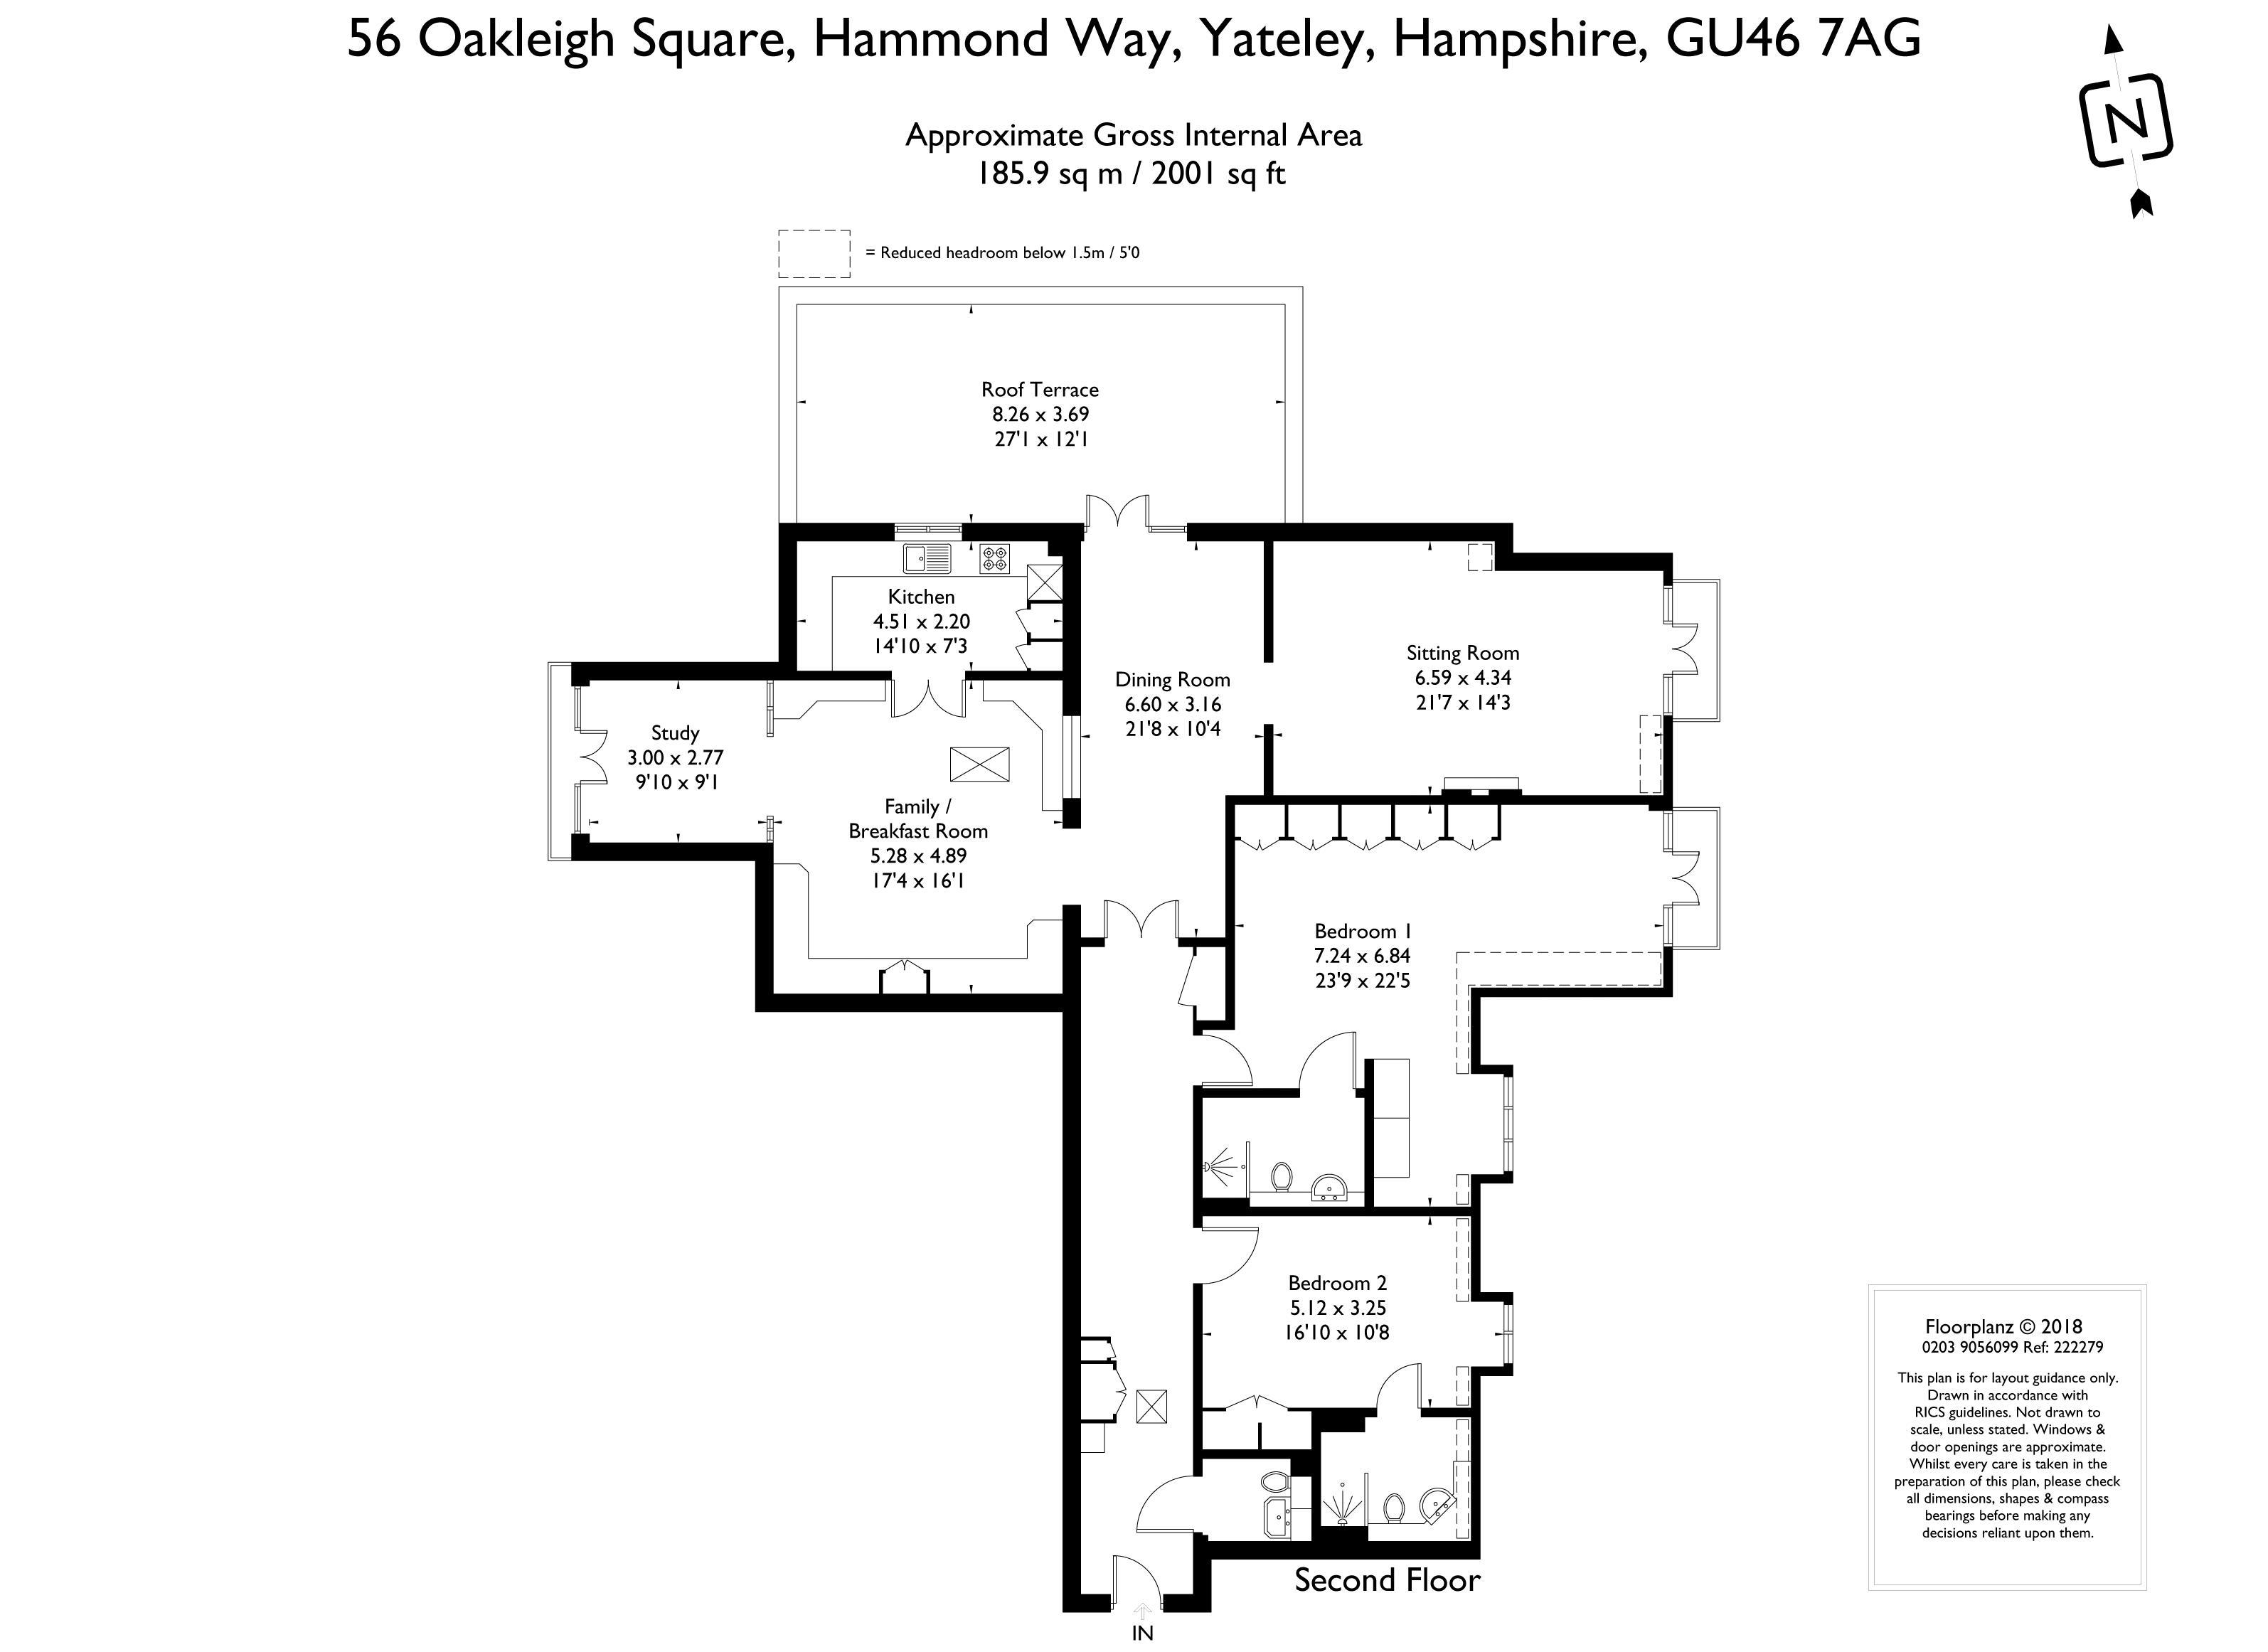 56 Oakleigh Square